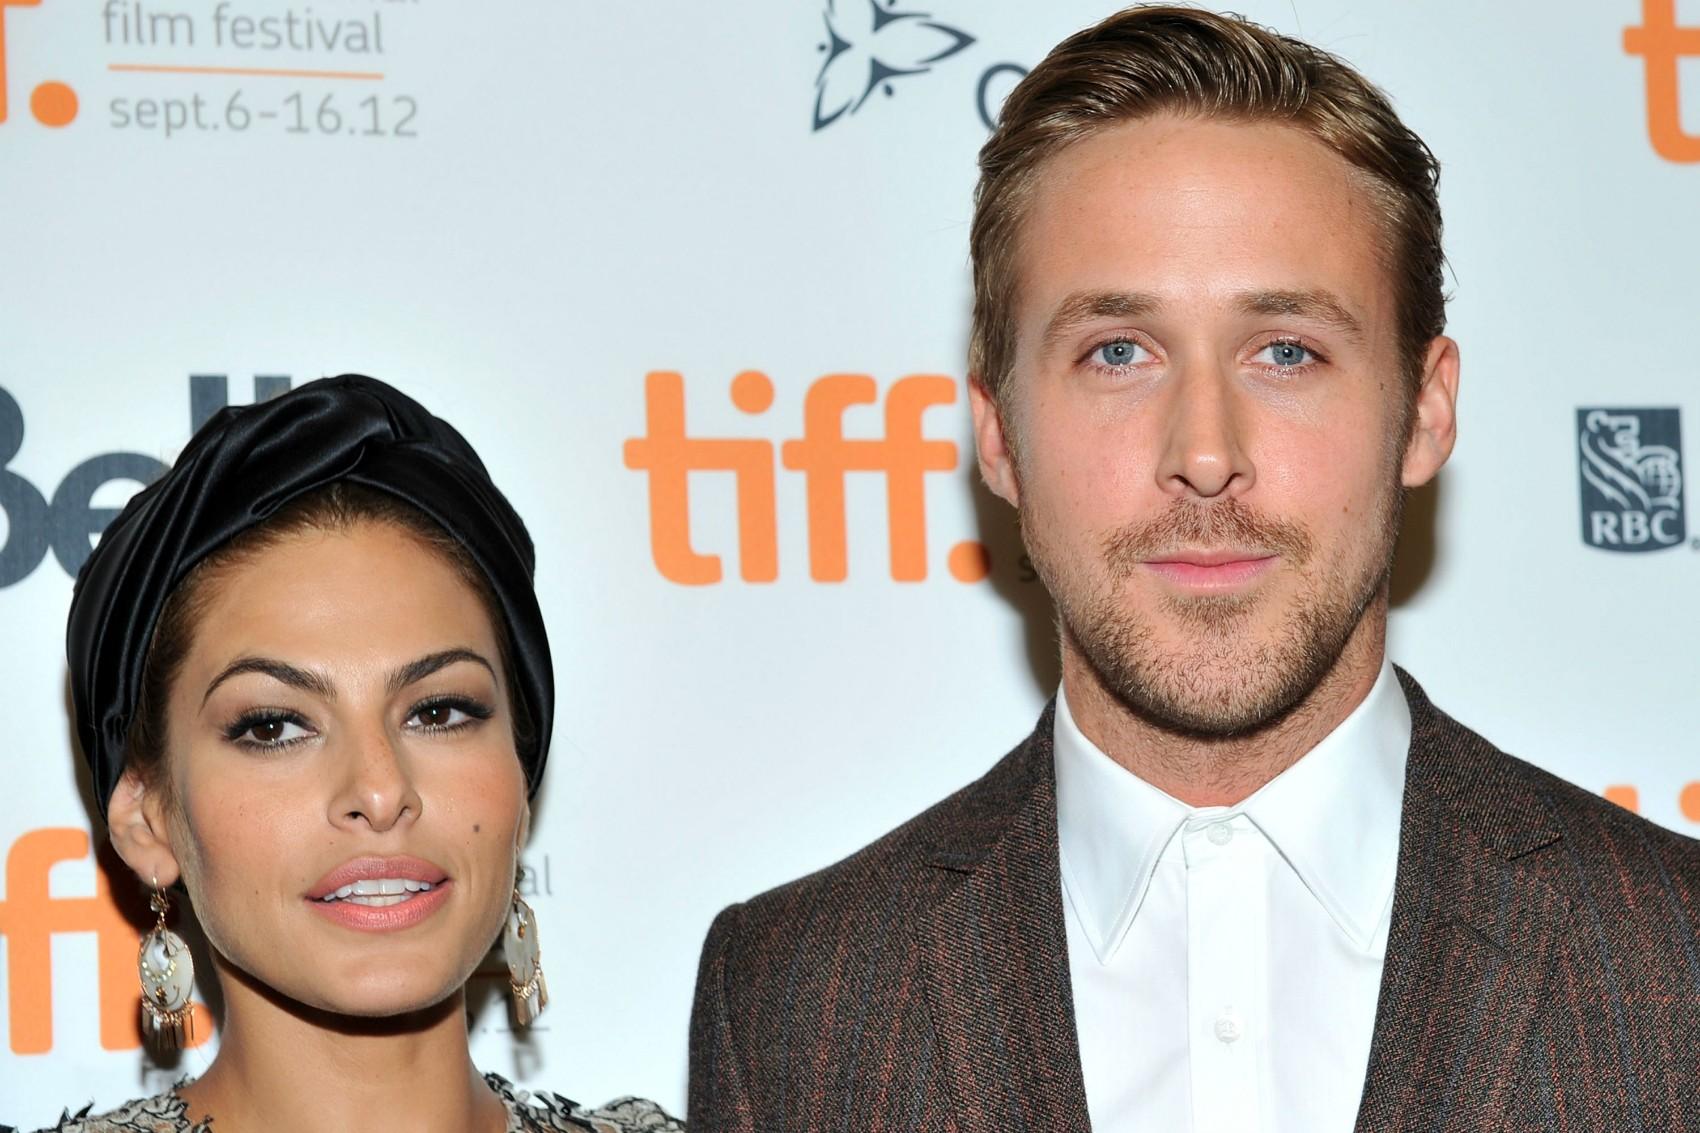 Também em julho, veio à tona que os atores Ryan Gosling e Eva Mendes estão esperando seu primeiro bebê. (Foto: Getty Images)